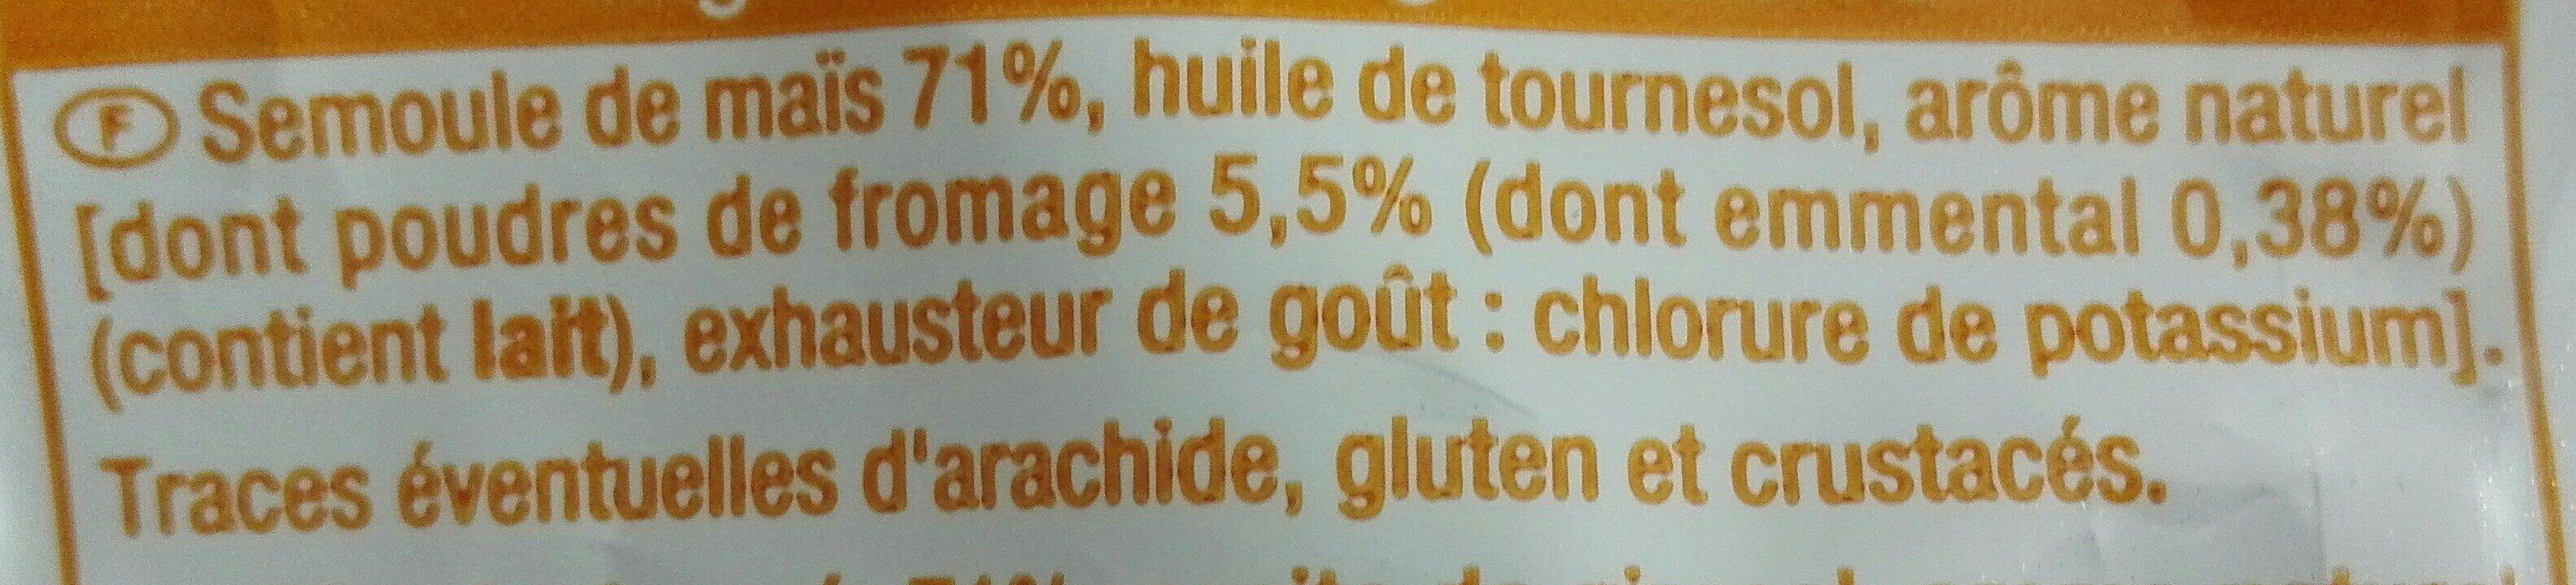 Croustillant goût fromage - Ingrédients - fr